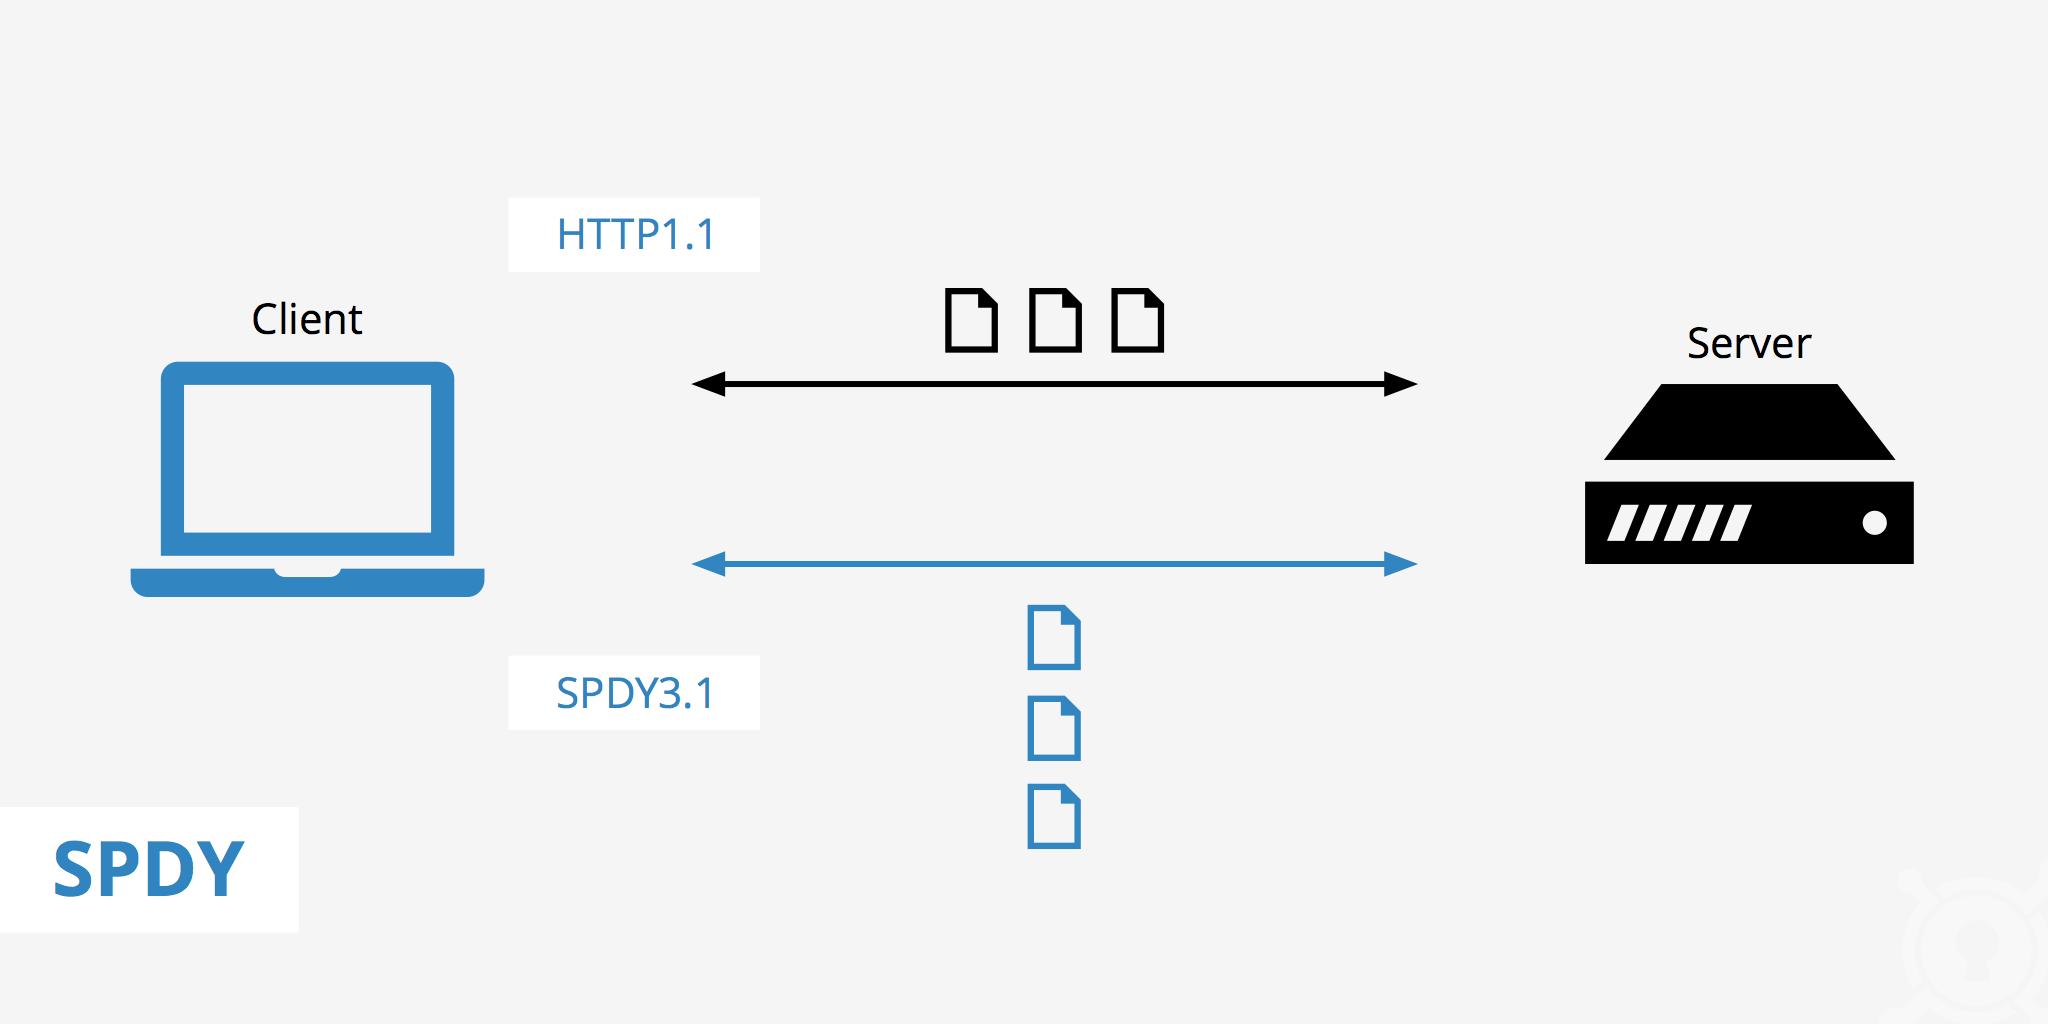 来源:https://www.keycdn.com/support/spdy-protocol